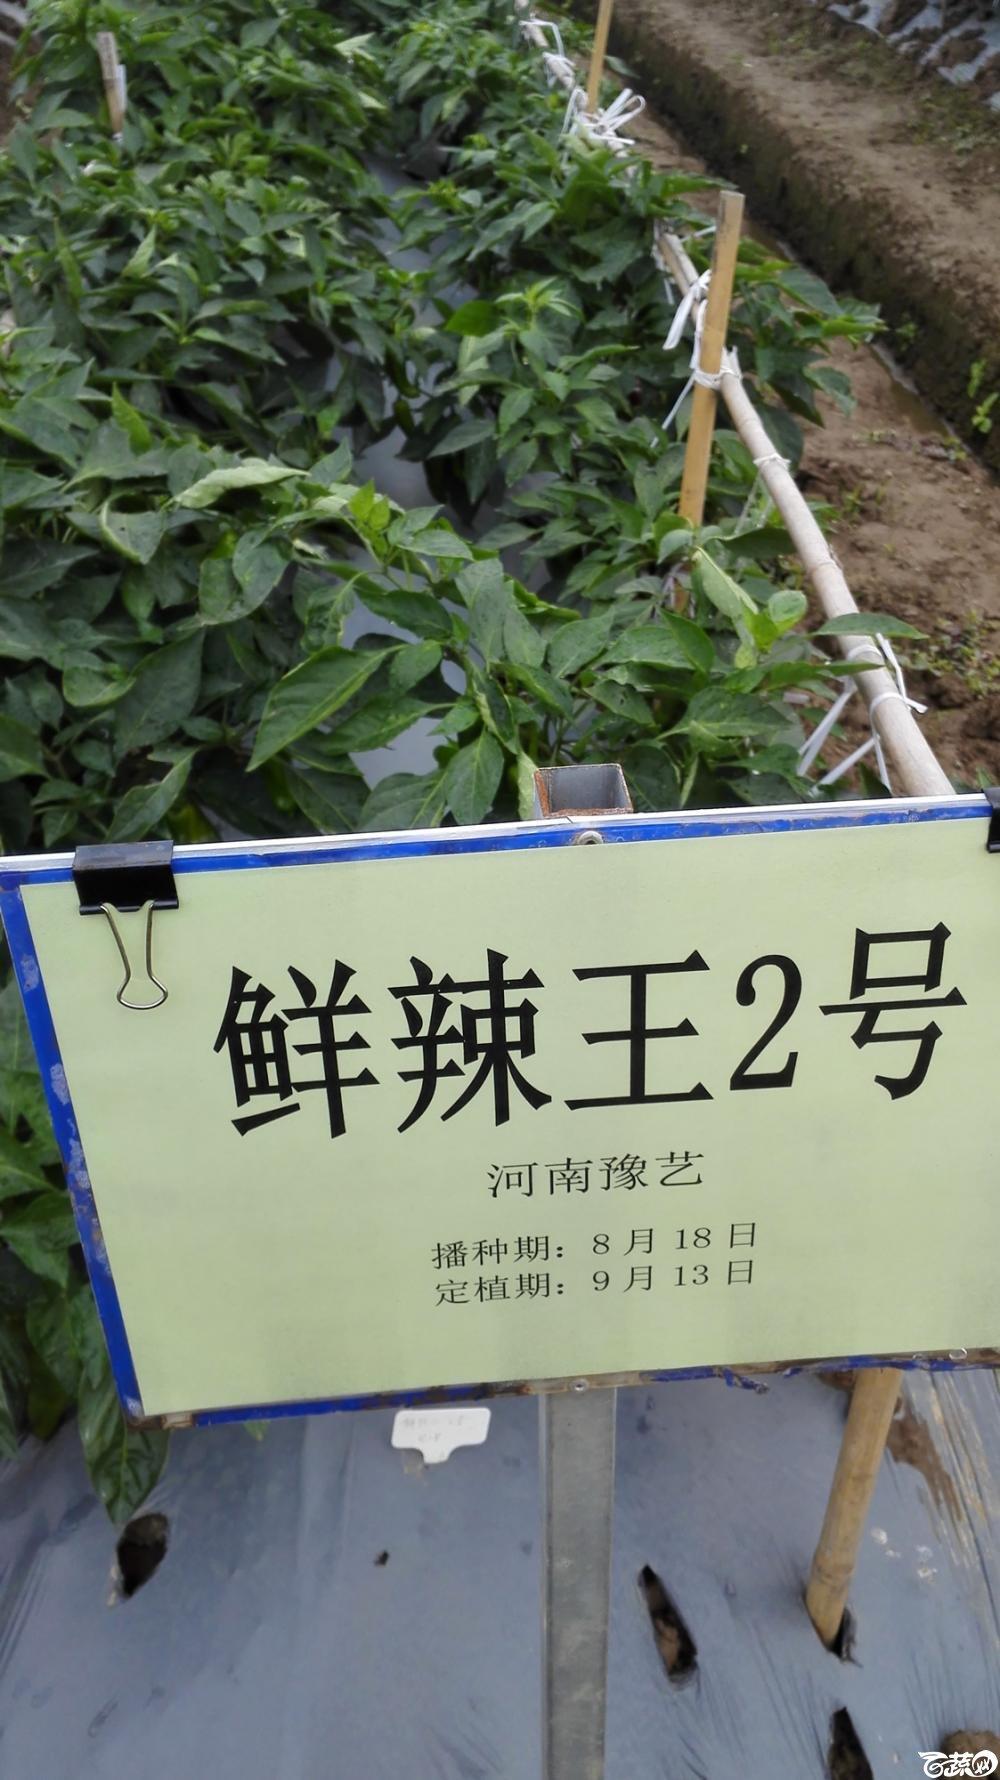 2014年12月8号中山蔬菜新品种展示会_辣椒_028.jpg